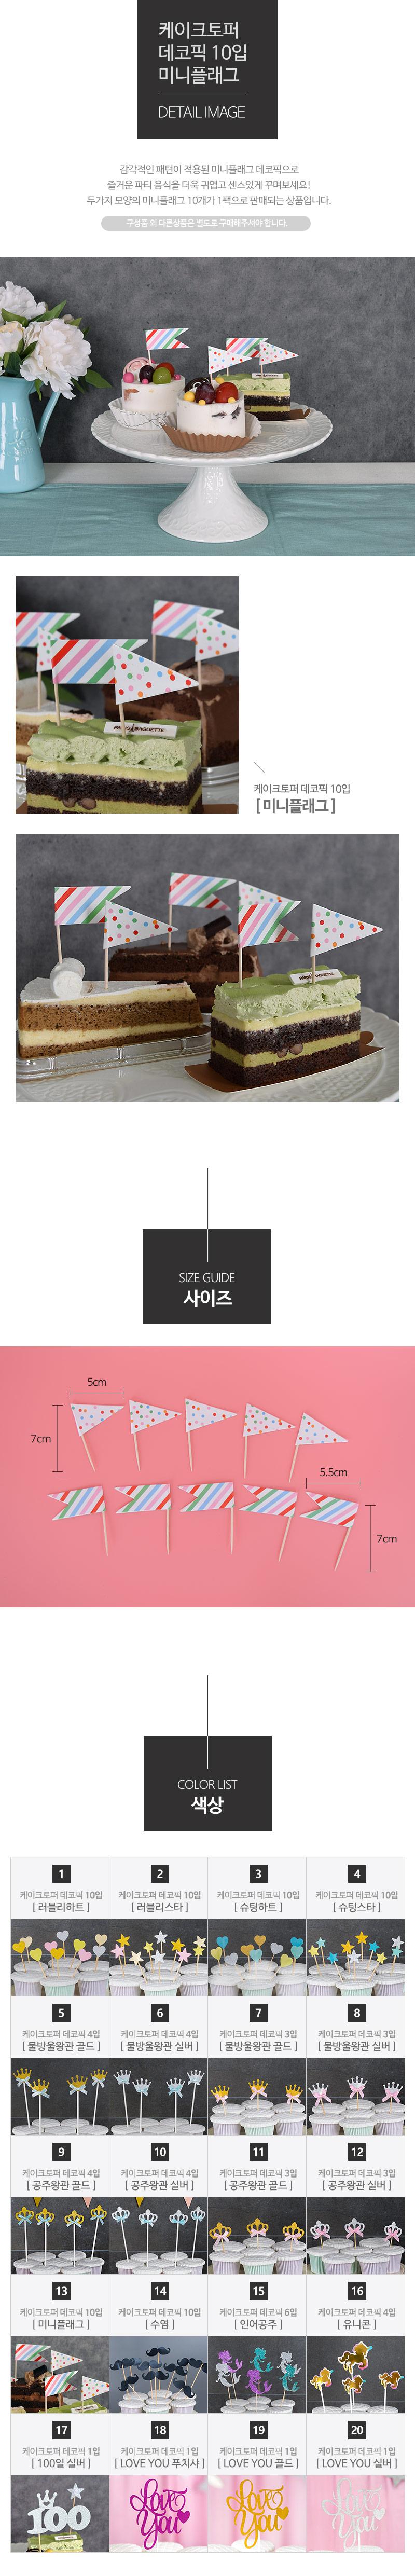 케이크토퍼 데코픽 10입 미니플래그 _partypang - 파티팡, 1,500원, 파티용품, 데코/장식용품